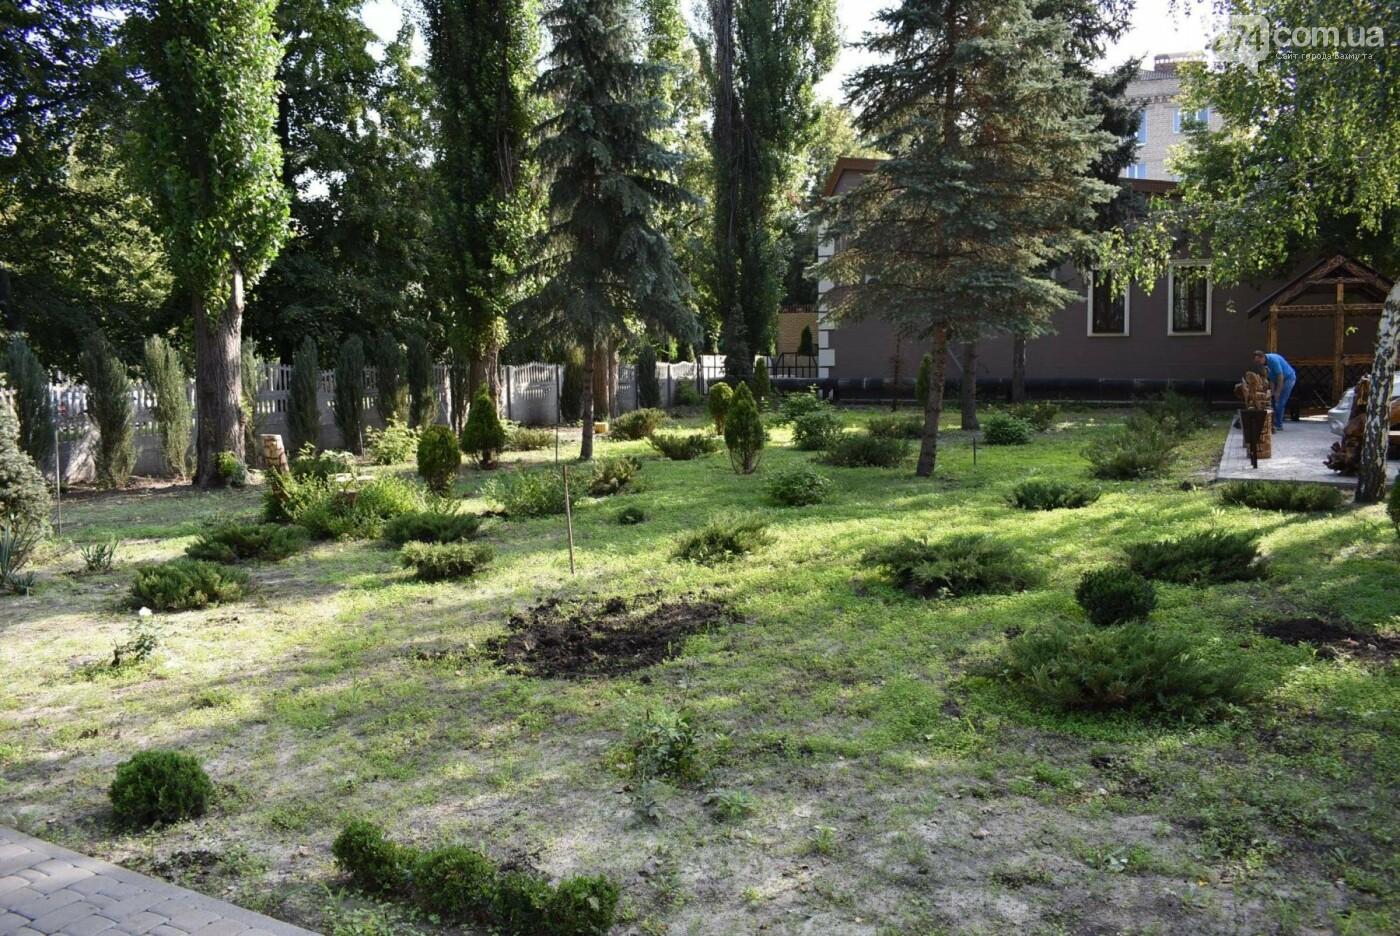 В Бахмуте продолжается реконструкция корпуса колледжа искусств имени Ивана Карабица, фото-2